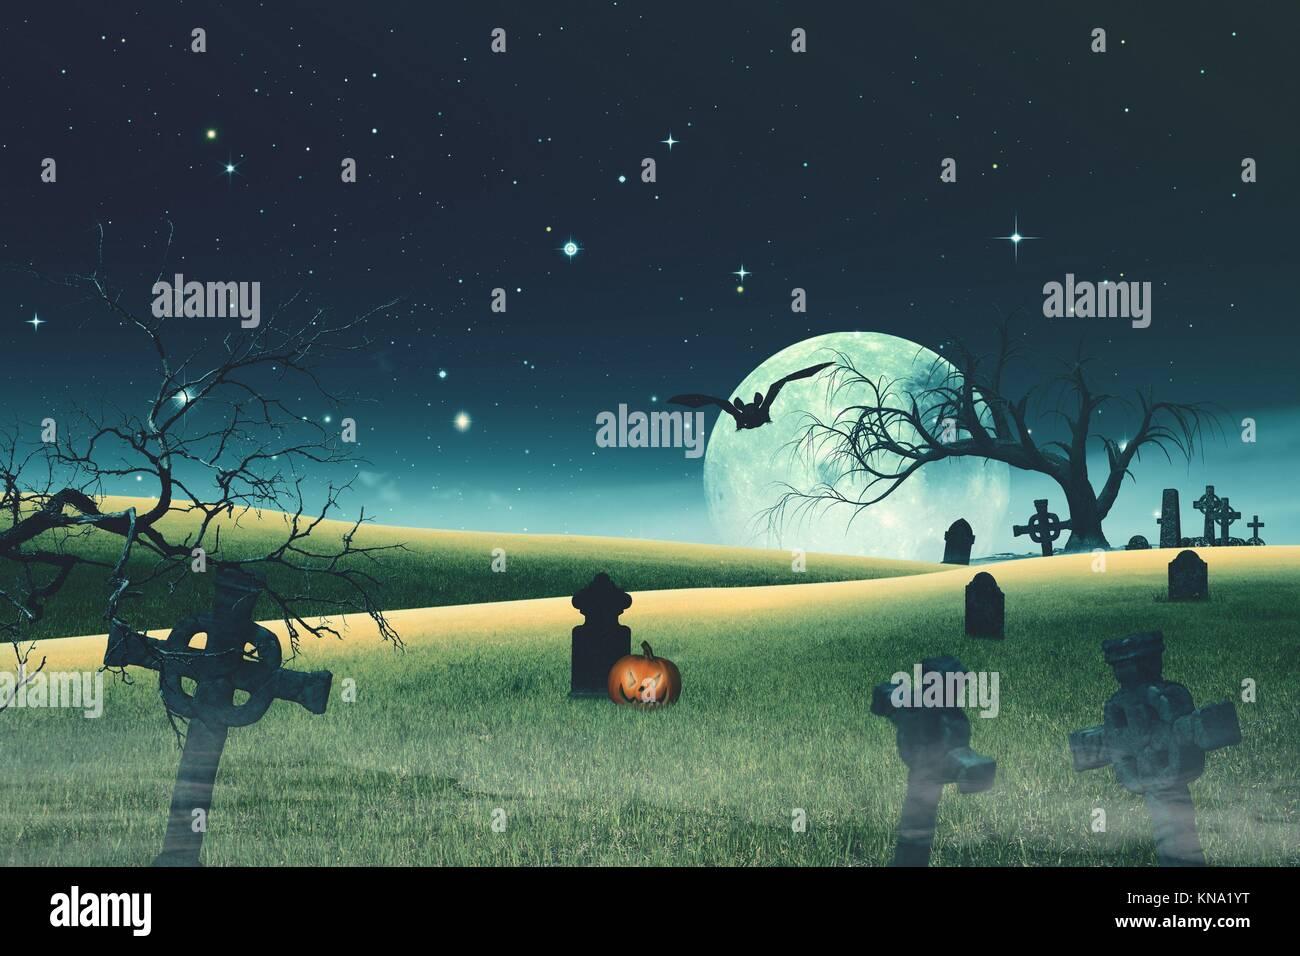 Fondos de Halloween con spooky cementerio y calabaza. Imagen De Stock